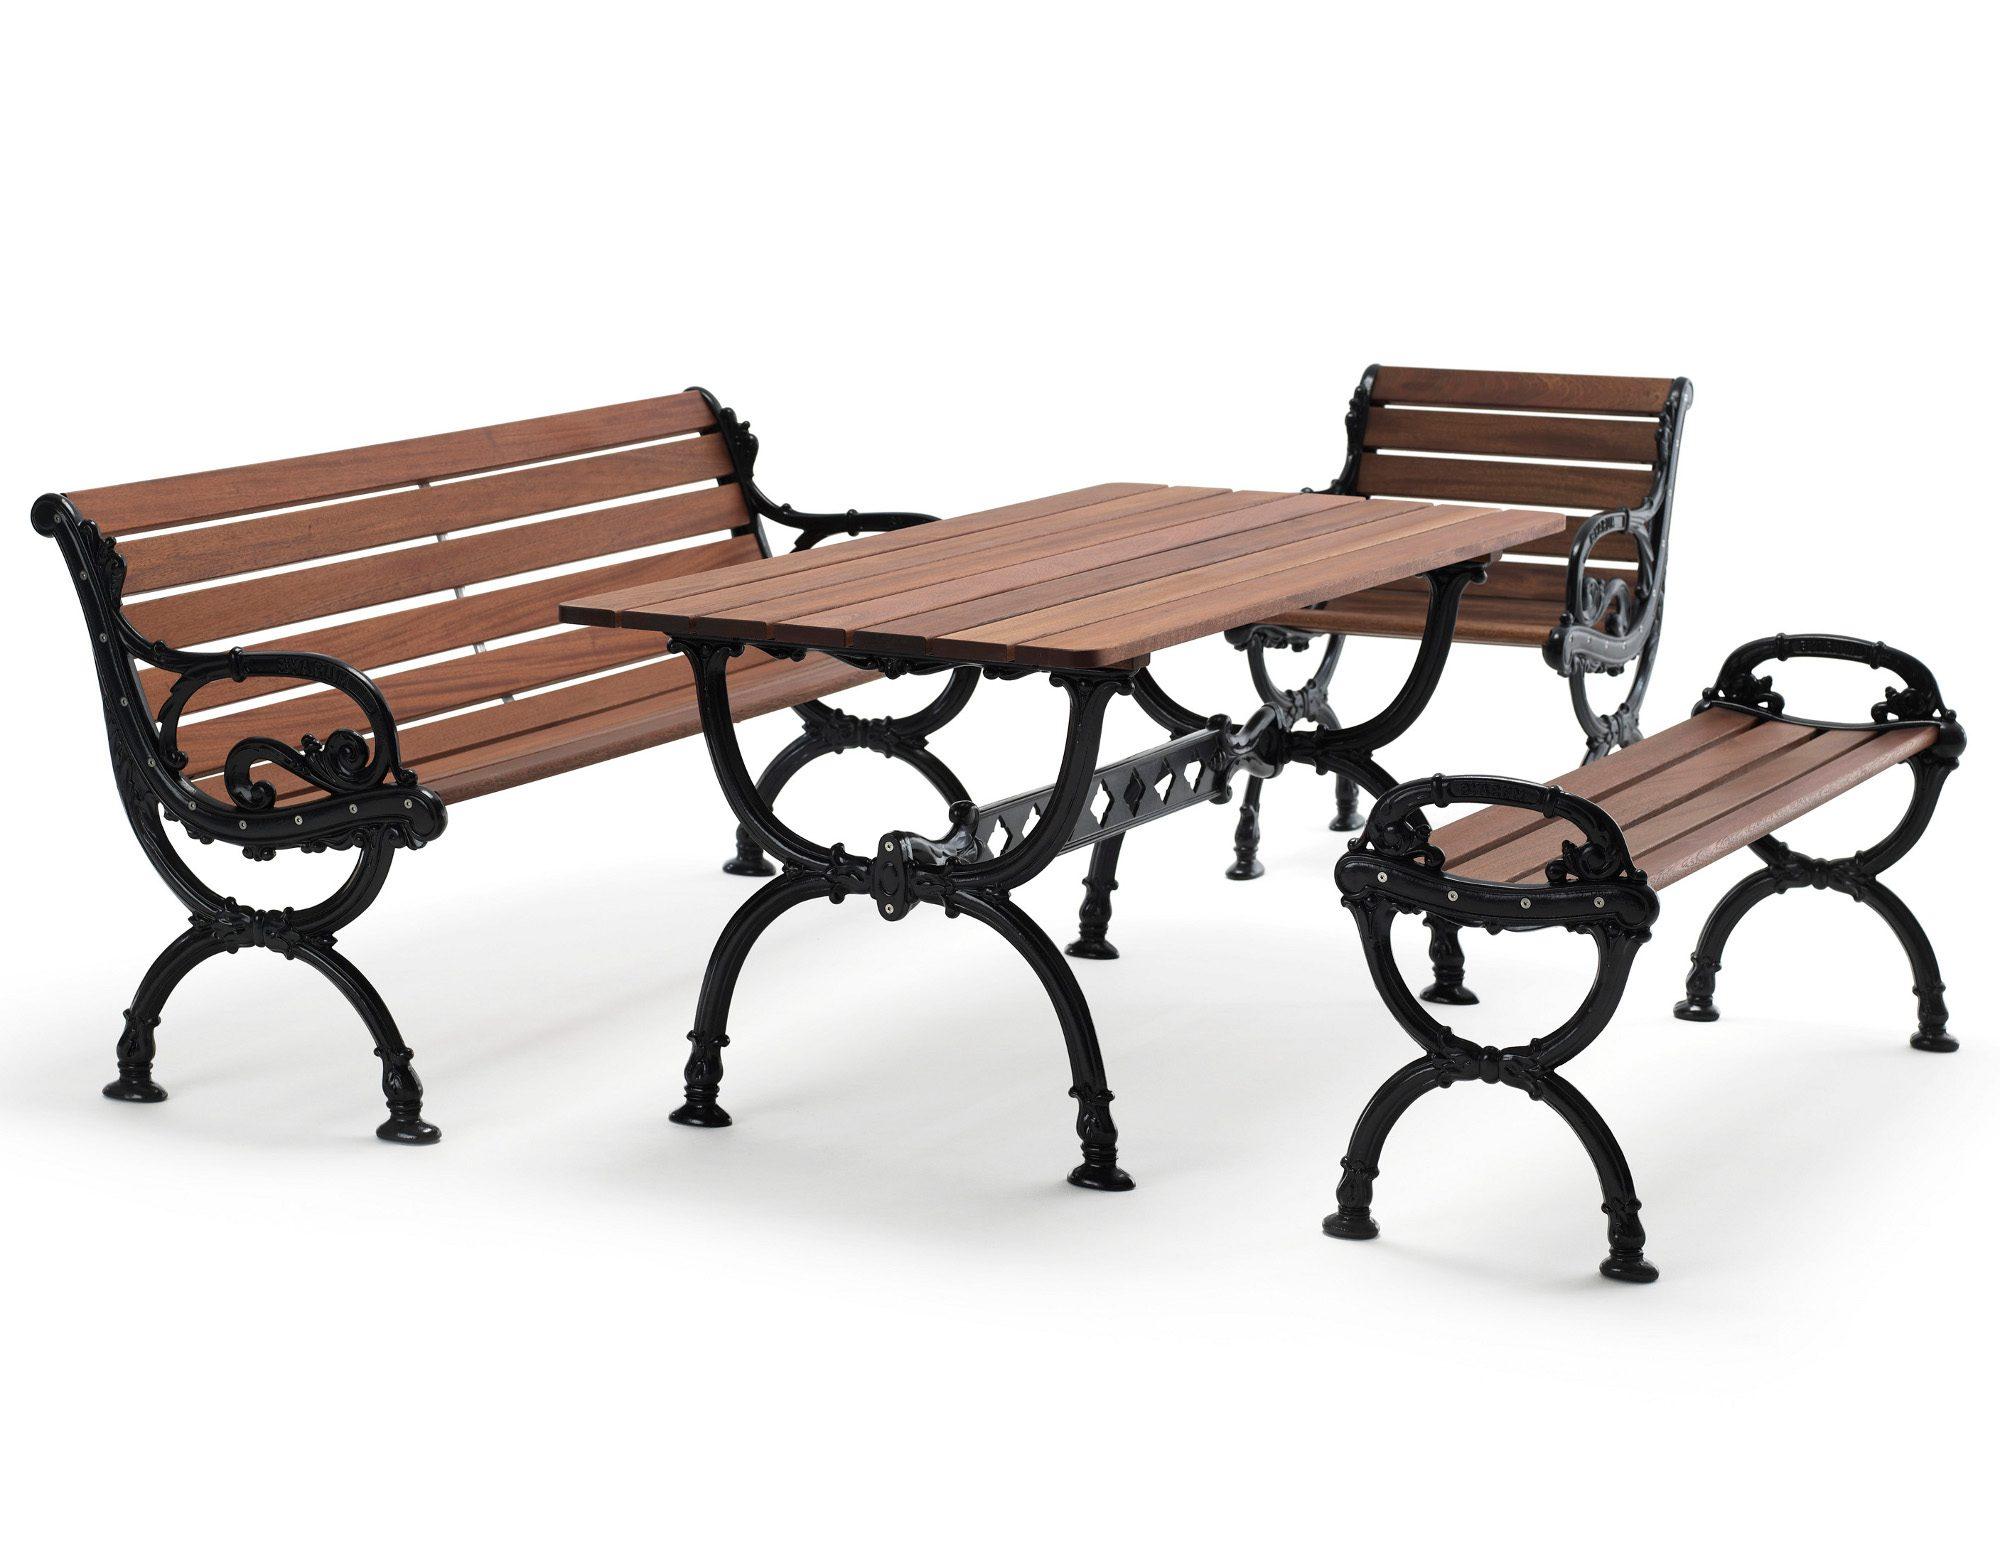 Byarum soffa, bänk, bord och fåtölj i brunlaserad furu med svarta gavlar från Byarums Bruk.